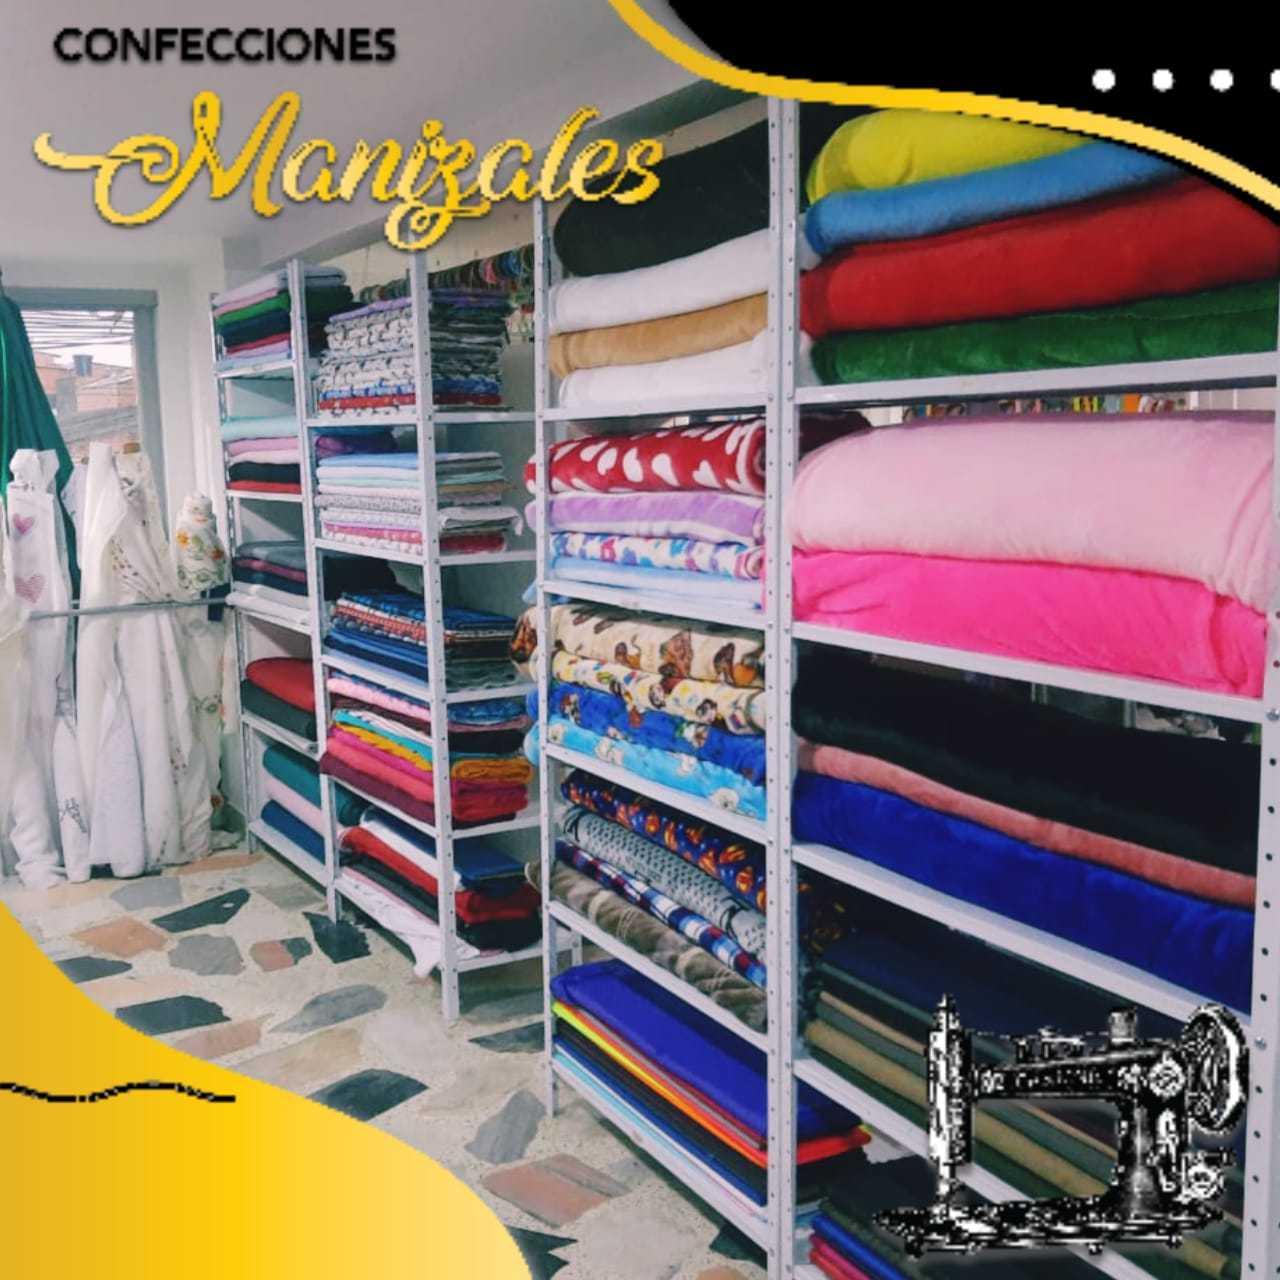 Confecciones Manizales